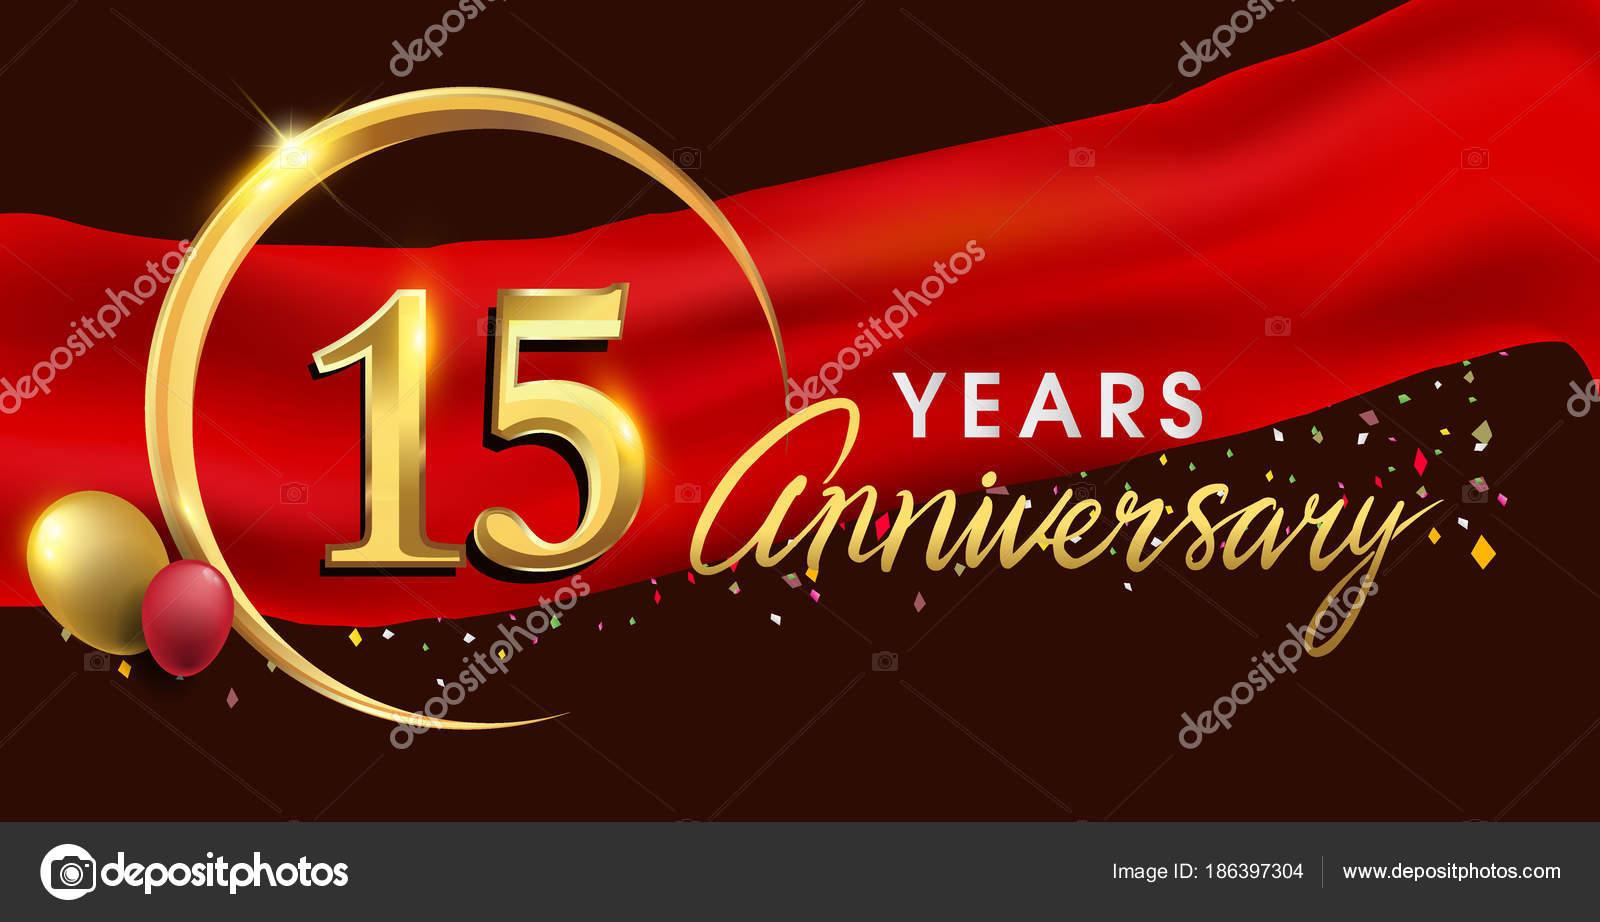 Logotipo Para 15 Anos: Fondo: Fondos Para Tarjetas De 15 Años En Rojo